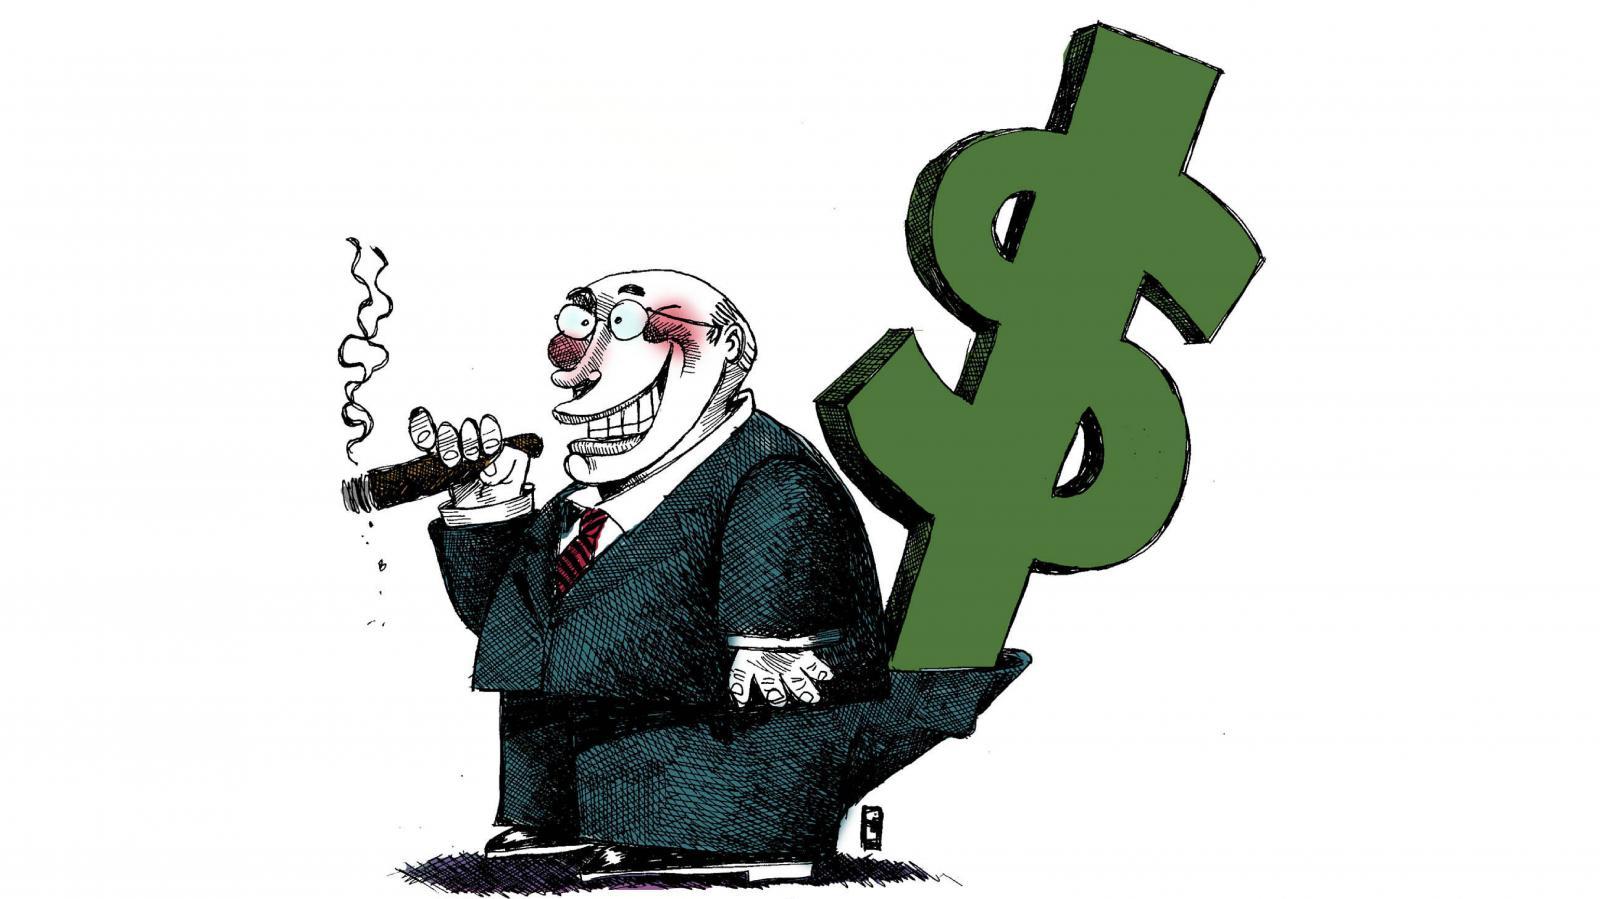 Lucro do Itaú chega a R$ 6,9 bi no 1º trimestre de 2019